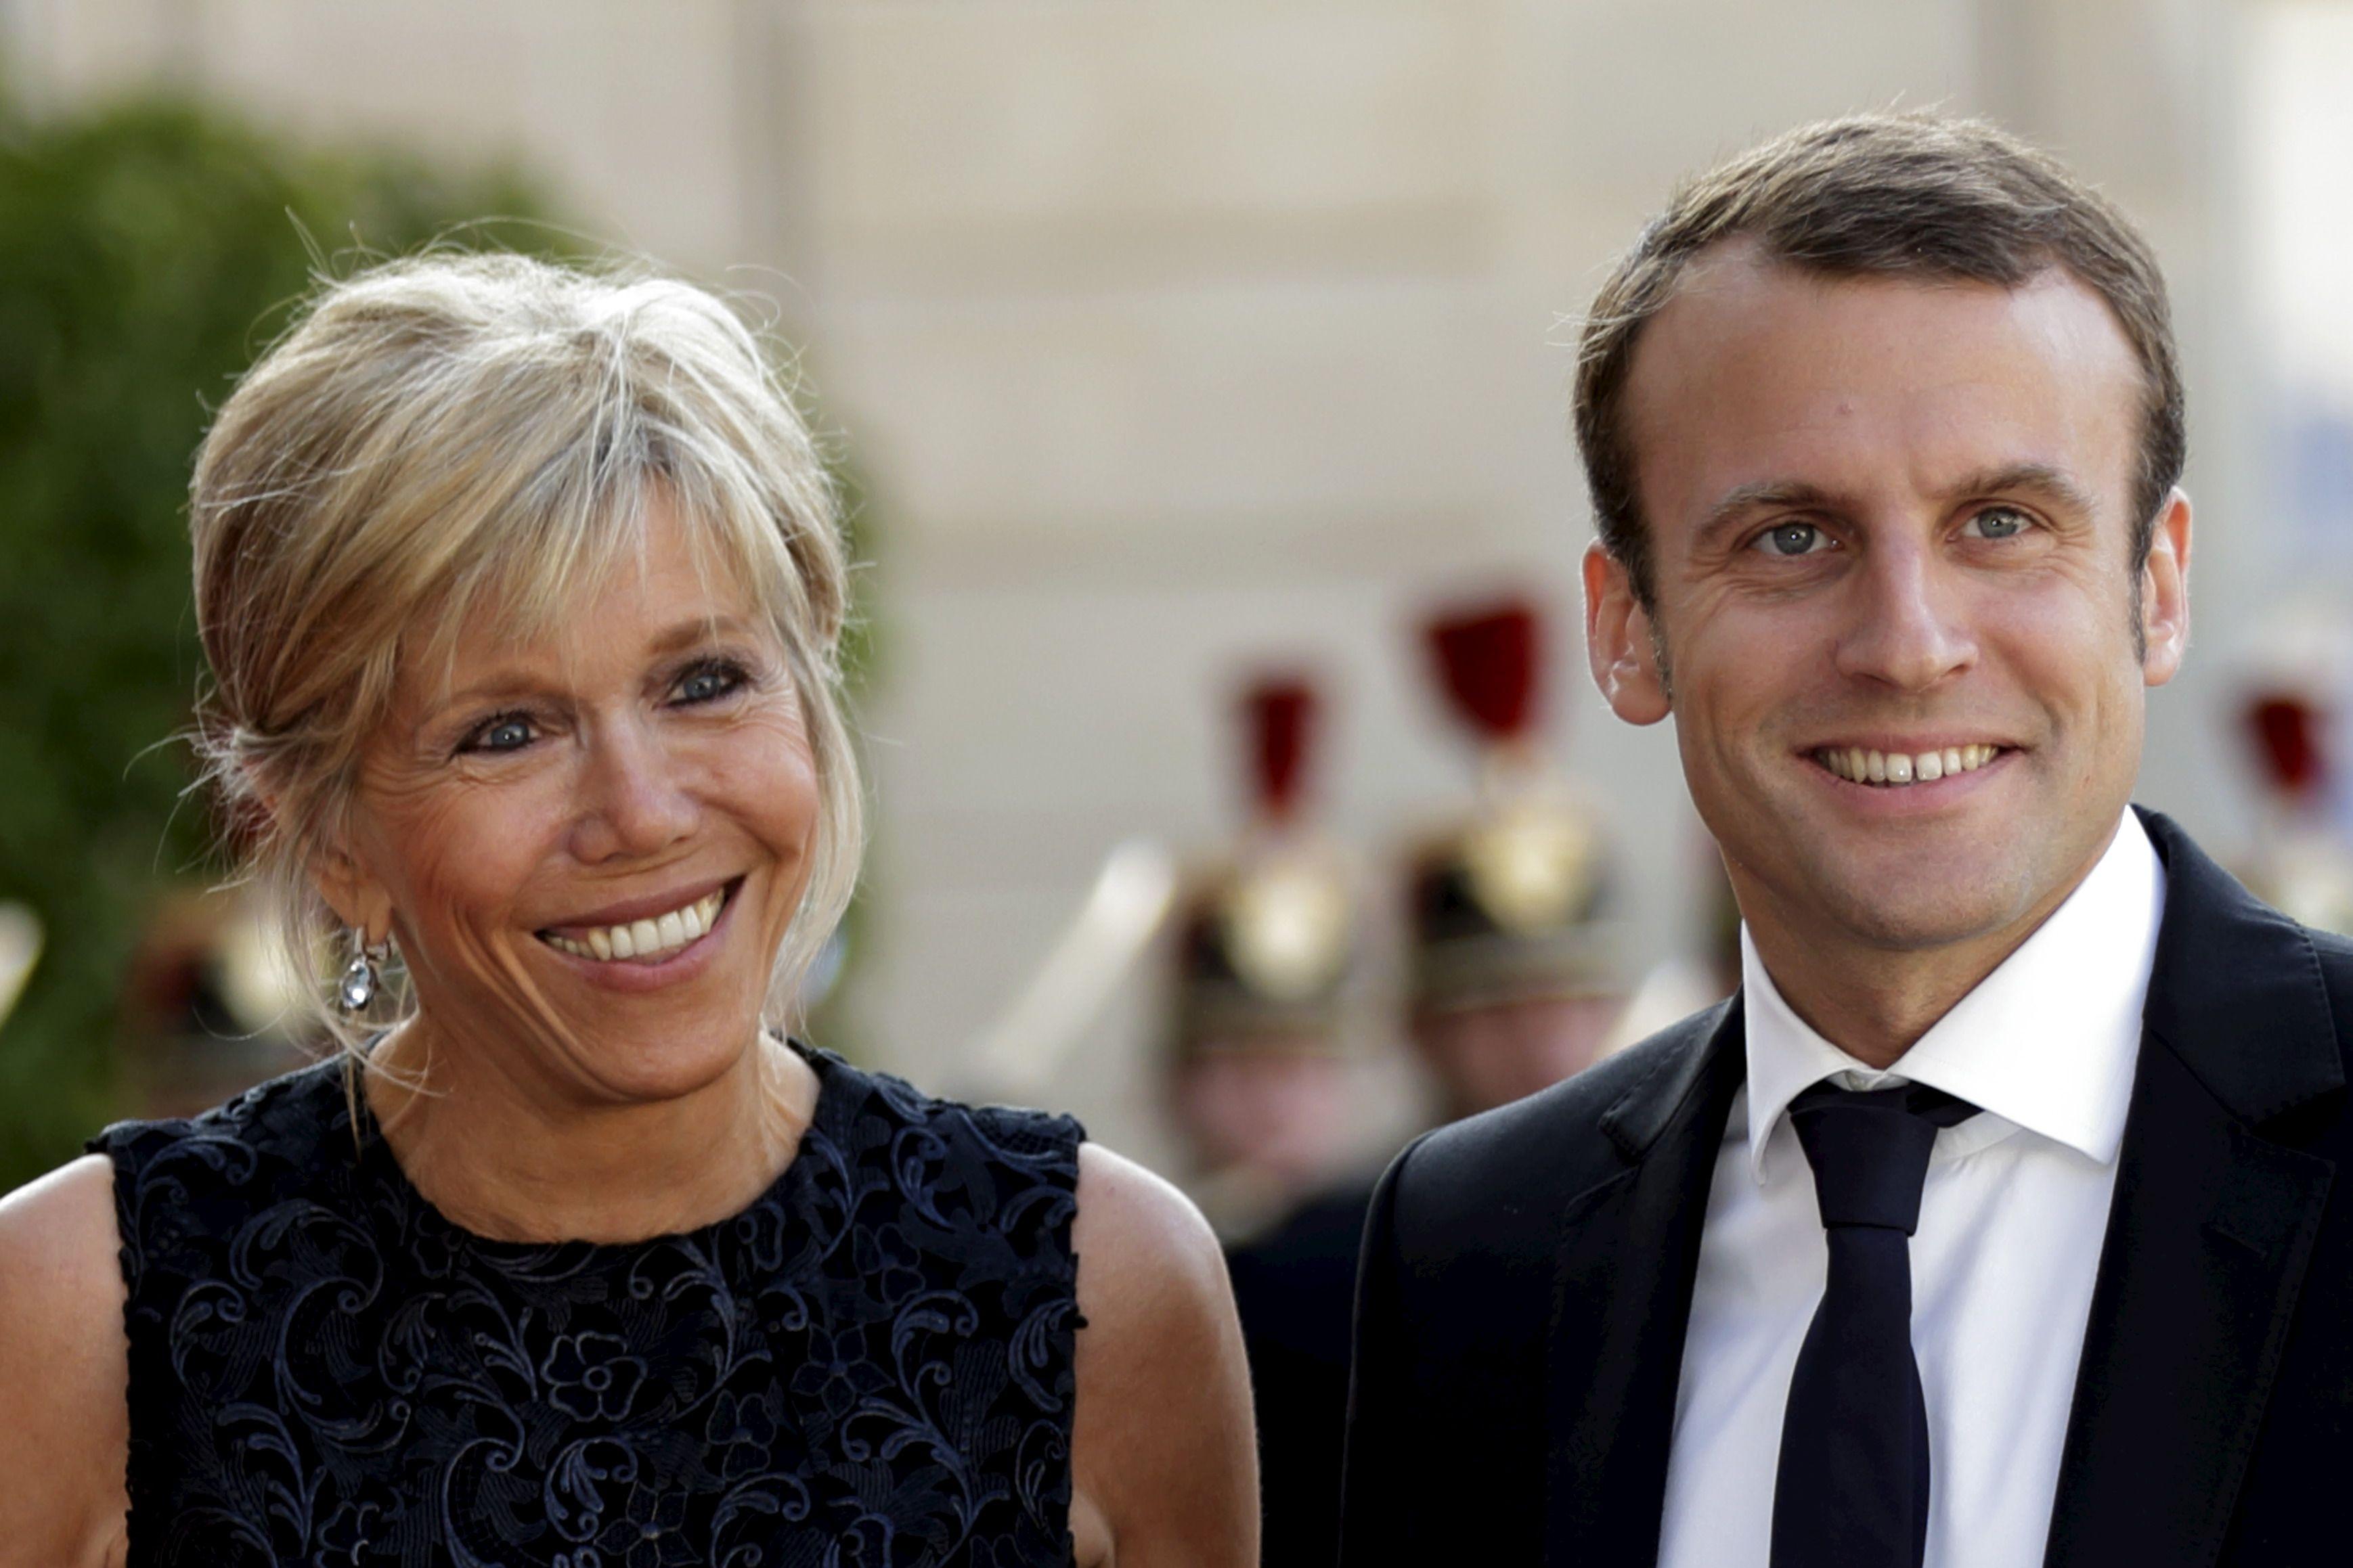 Emmanuel Macron le favori dont personne ne discutait des propositions politiques